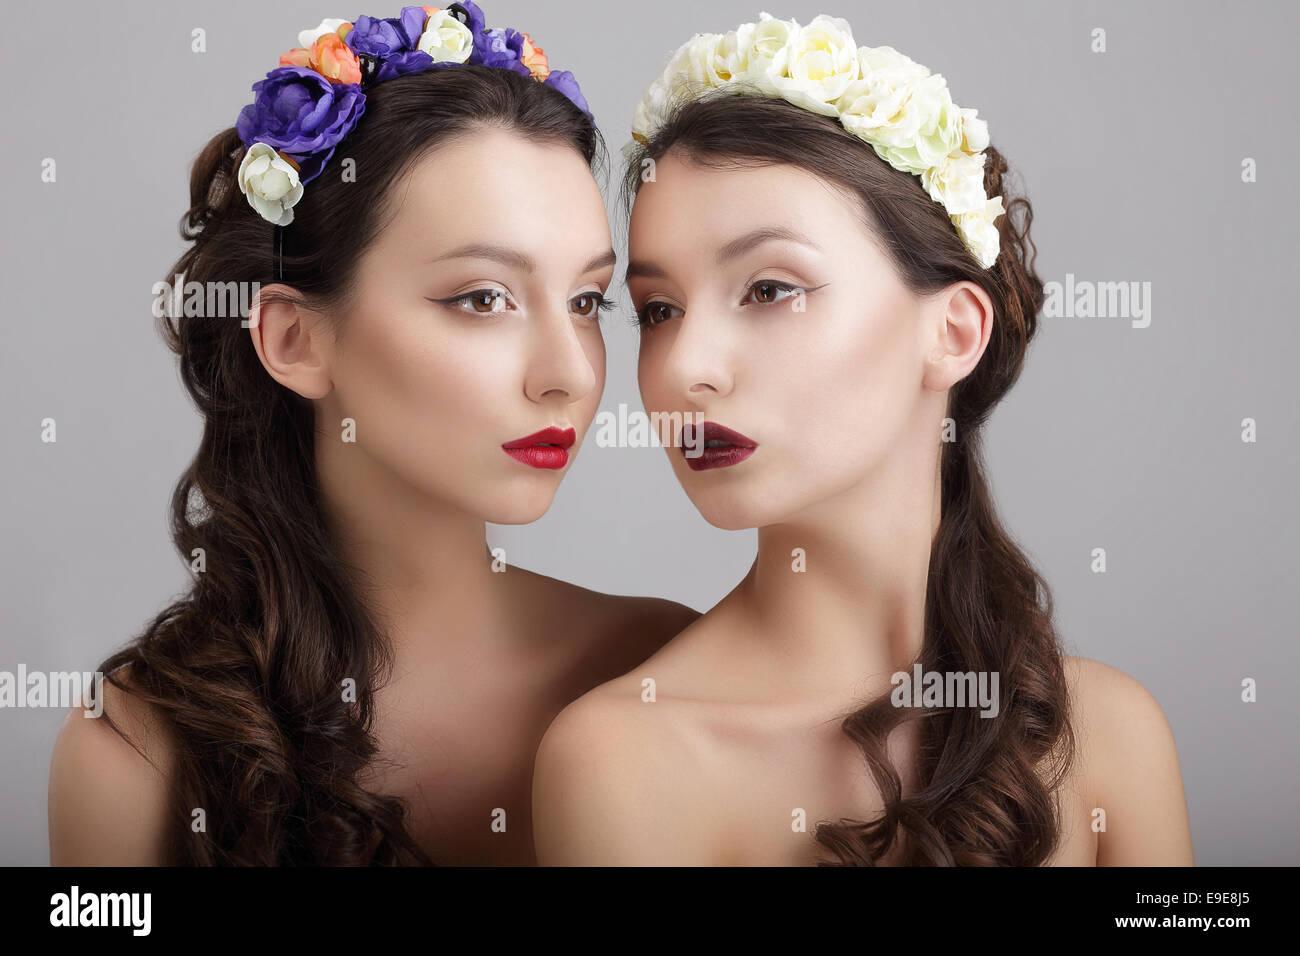 Ispirazione.Due femmine con stile con ghirlande di fiori Immagini Stock